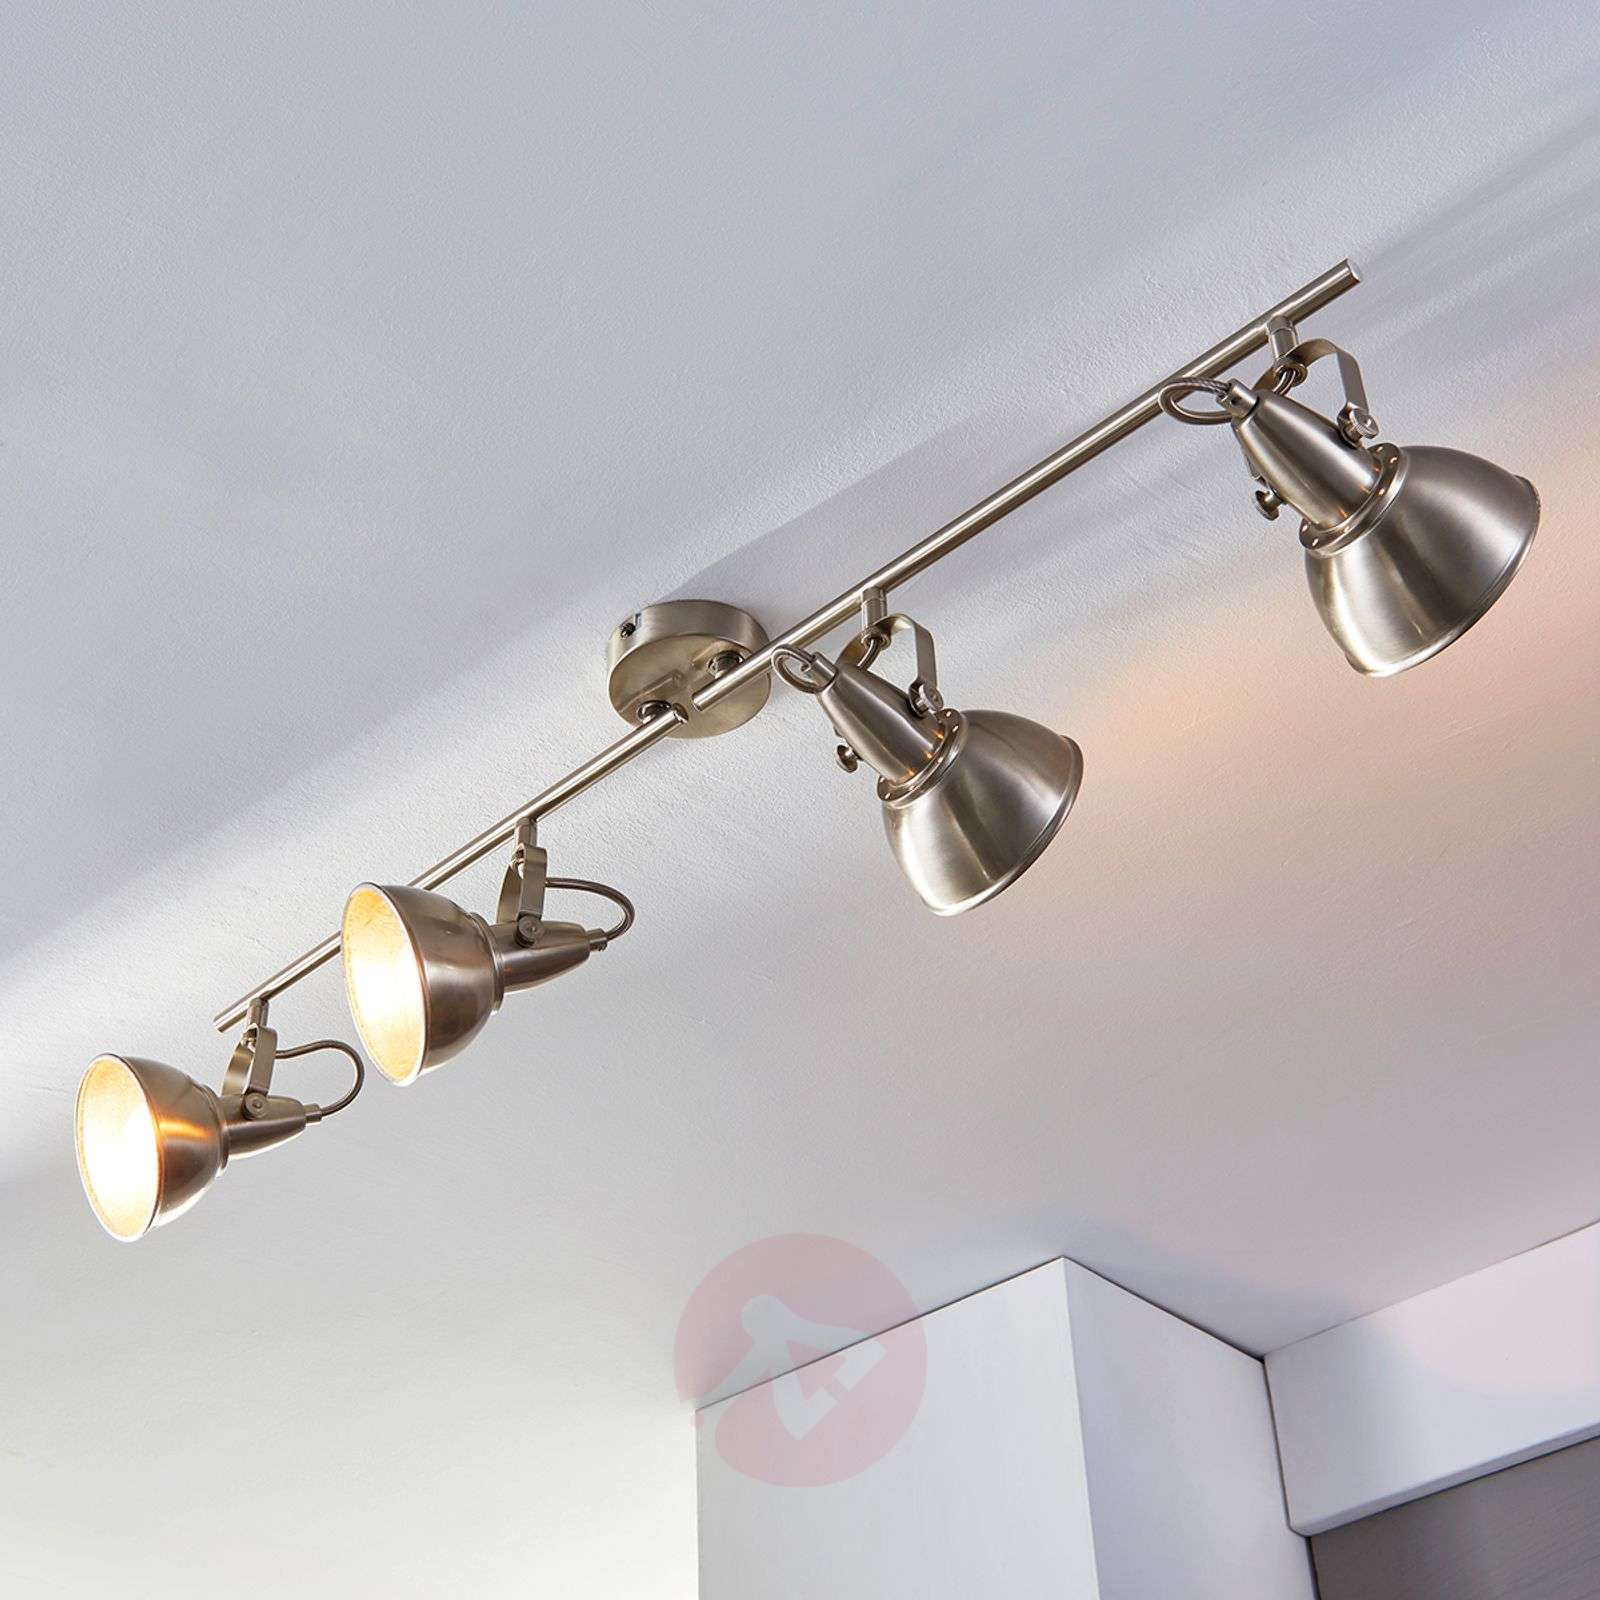 Vintage kitchen lamp Julin, 4 bulbs-9620733-03